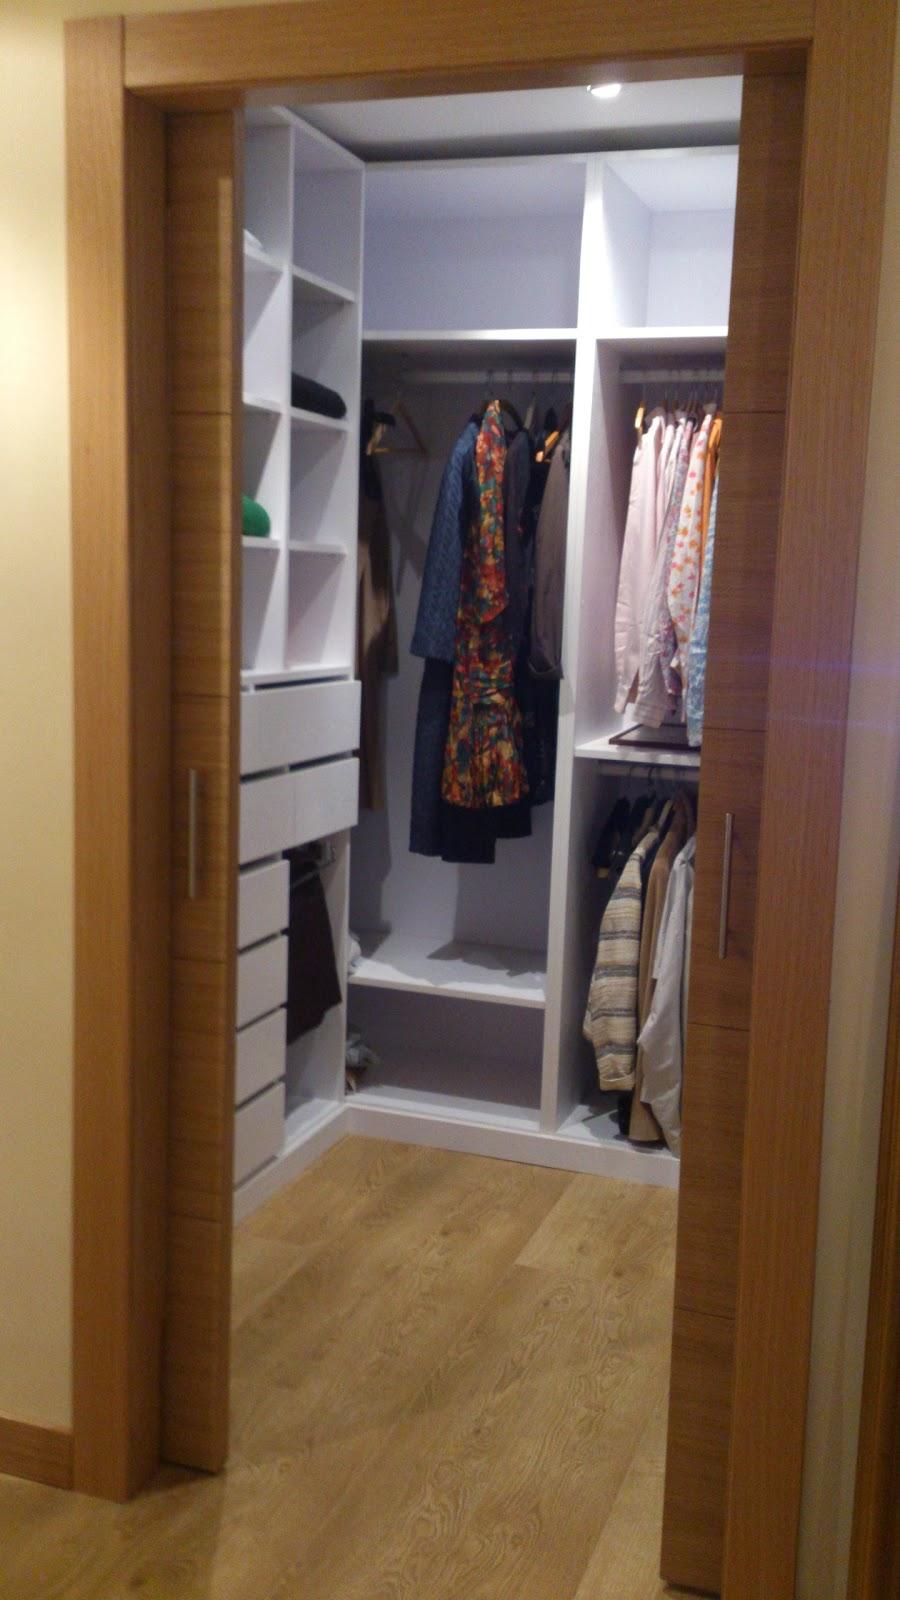 Interiorismo y Decoracion Lola Torga: un Dormitorio con ...